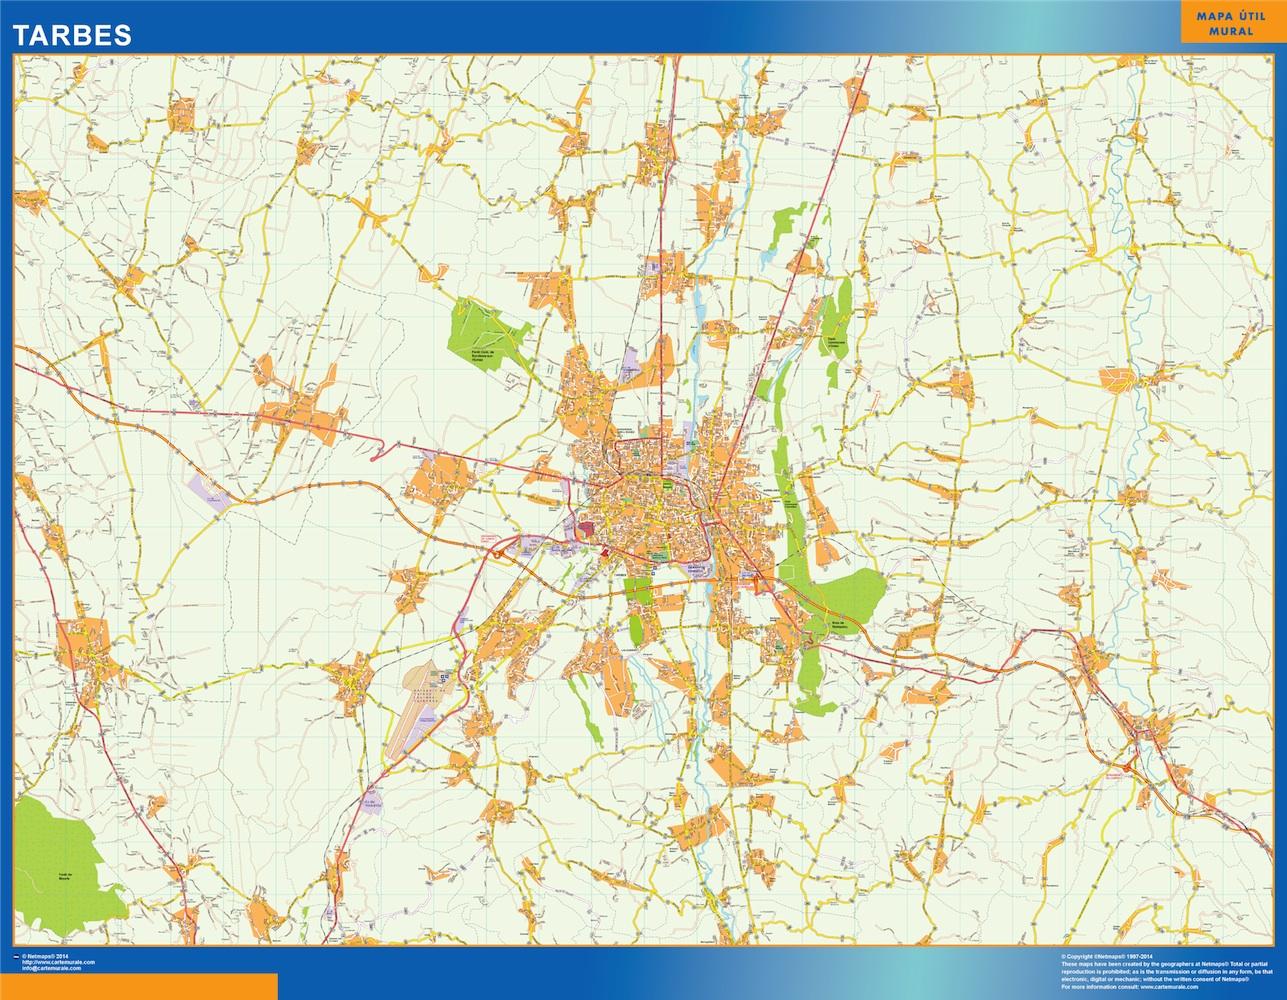 Mapa Tarbes en Francia plastificado gigante